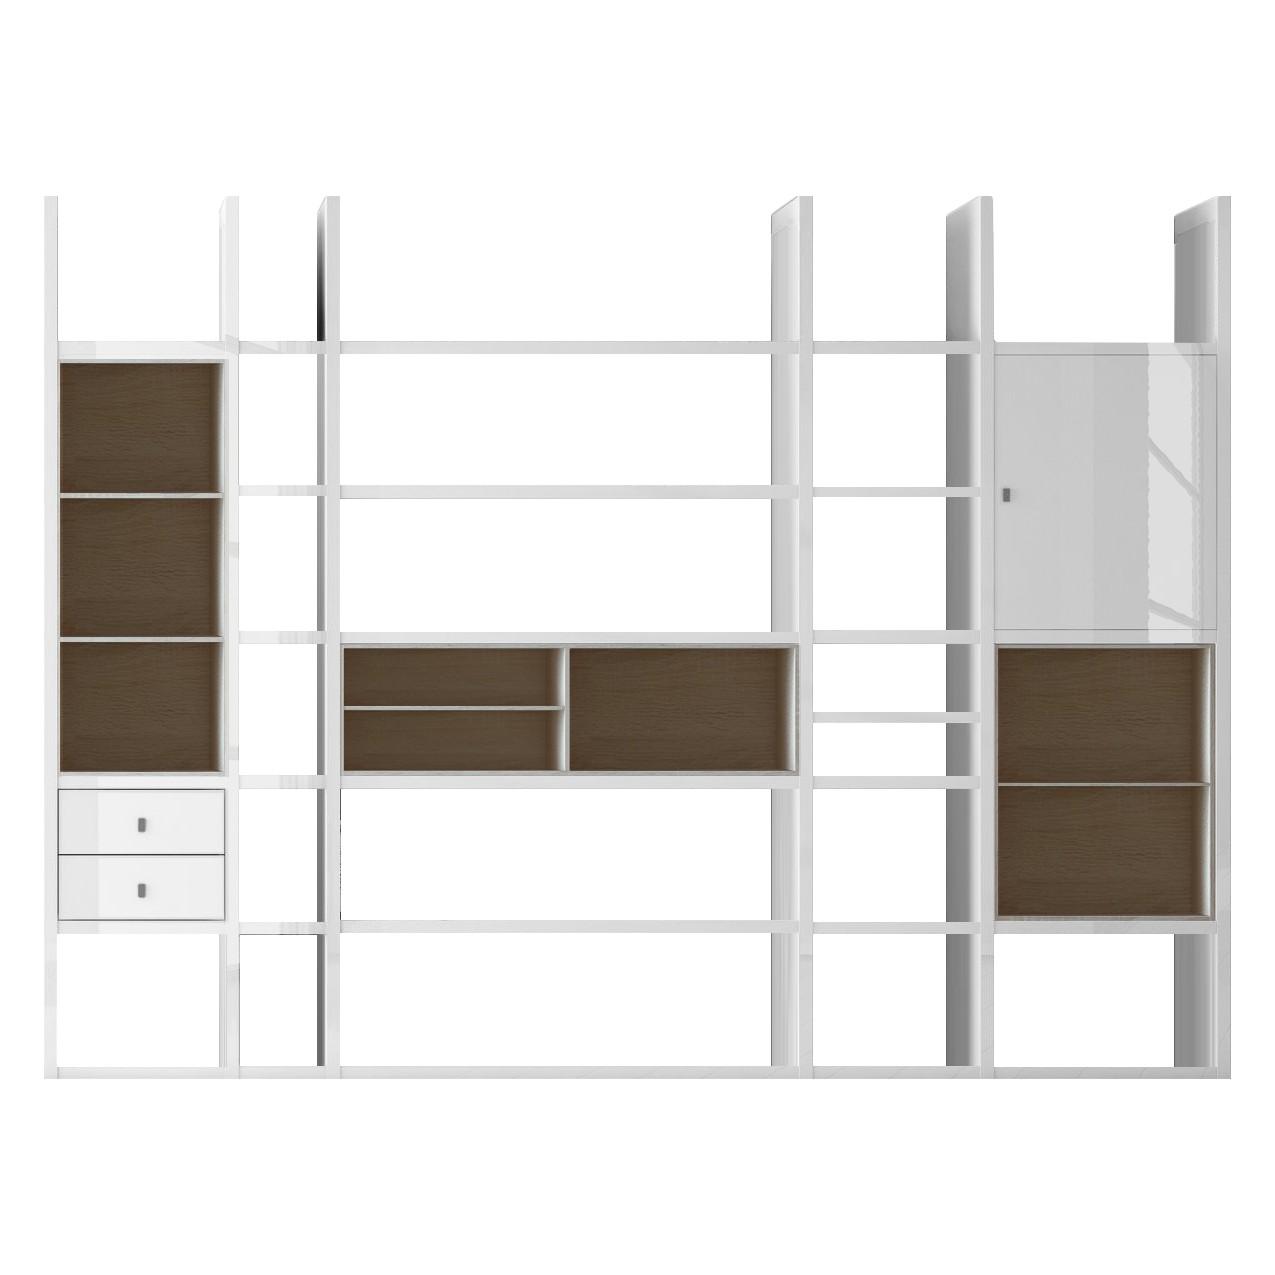 Etagère XXL Emporior VI - Imitation chêne de Sonoma / Blanc - Sans éclairage - Blanc brillant / Imit